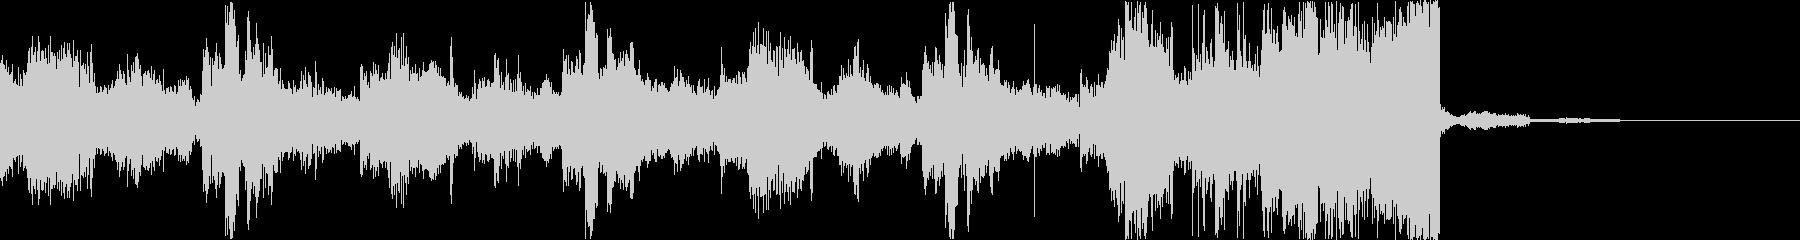 チルアウトクールなトロピカルハウスeの未再生の波形